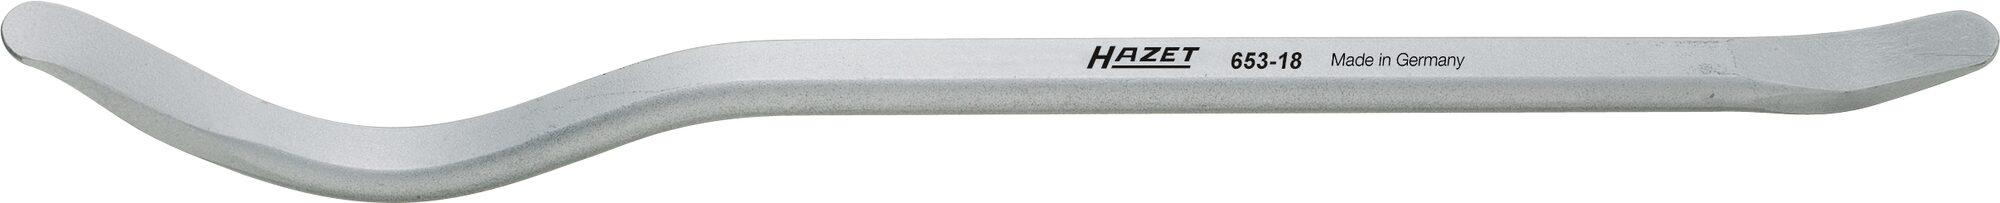 HAZET Reifen- und Montagehebel 653